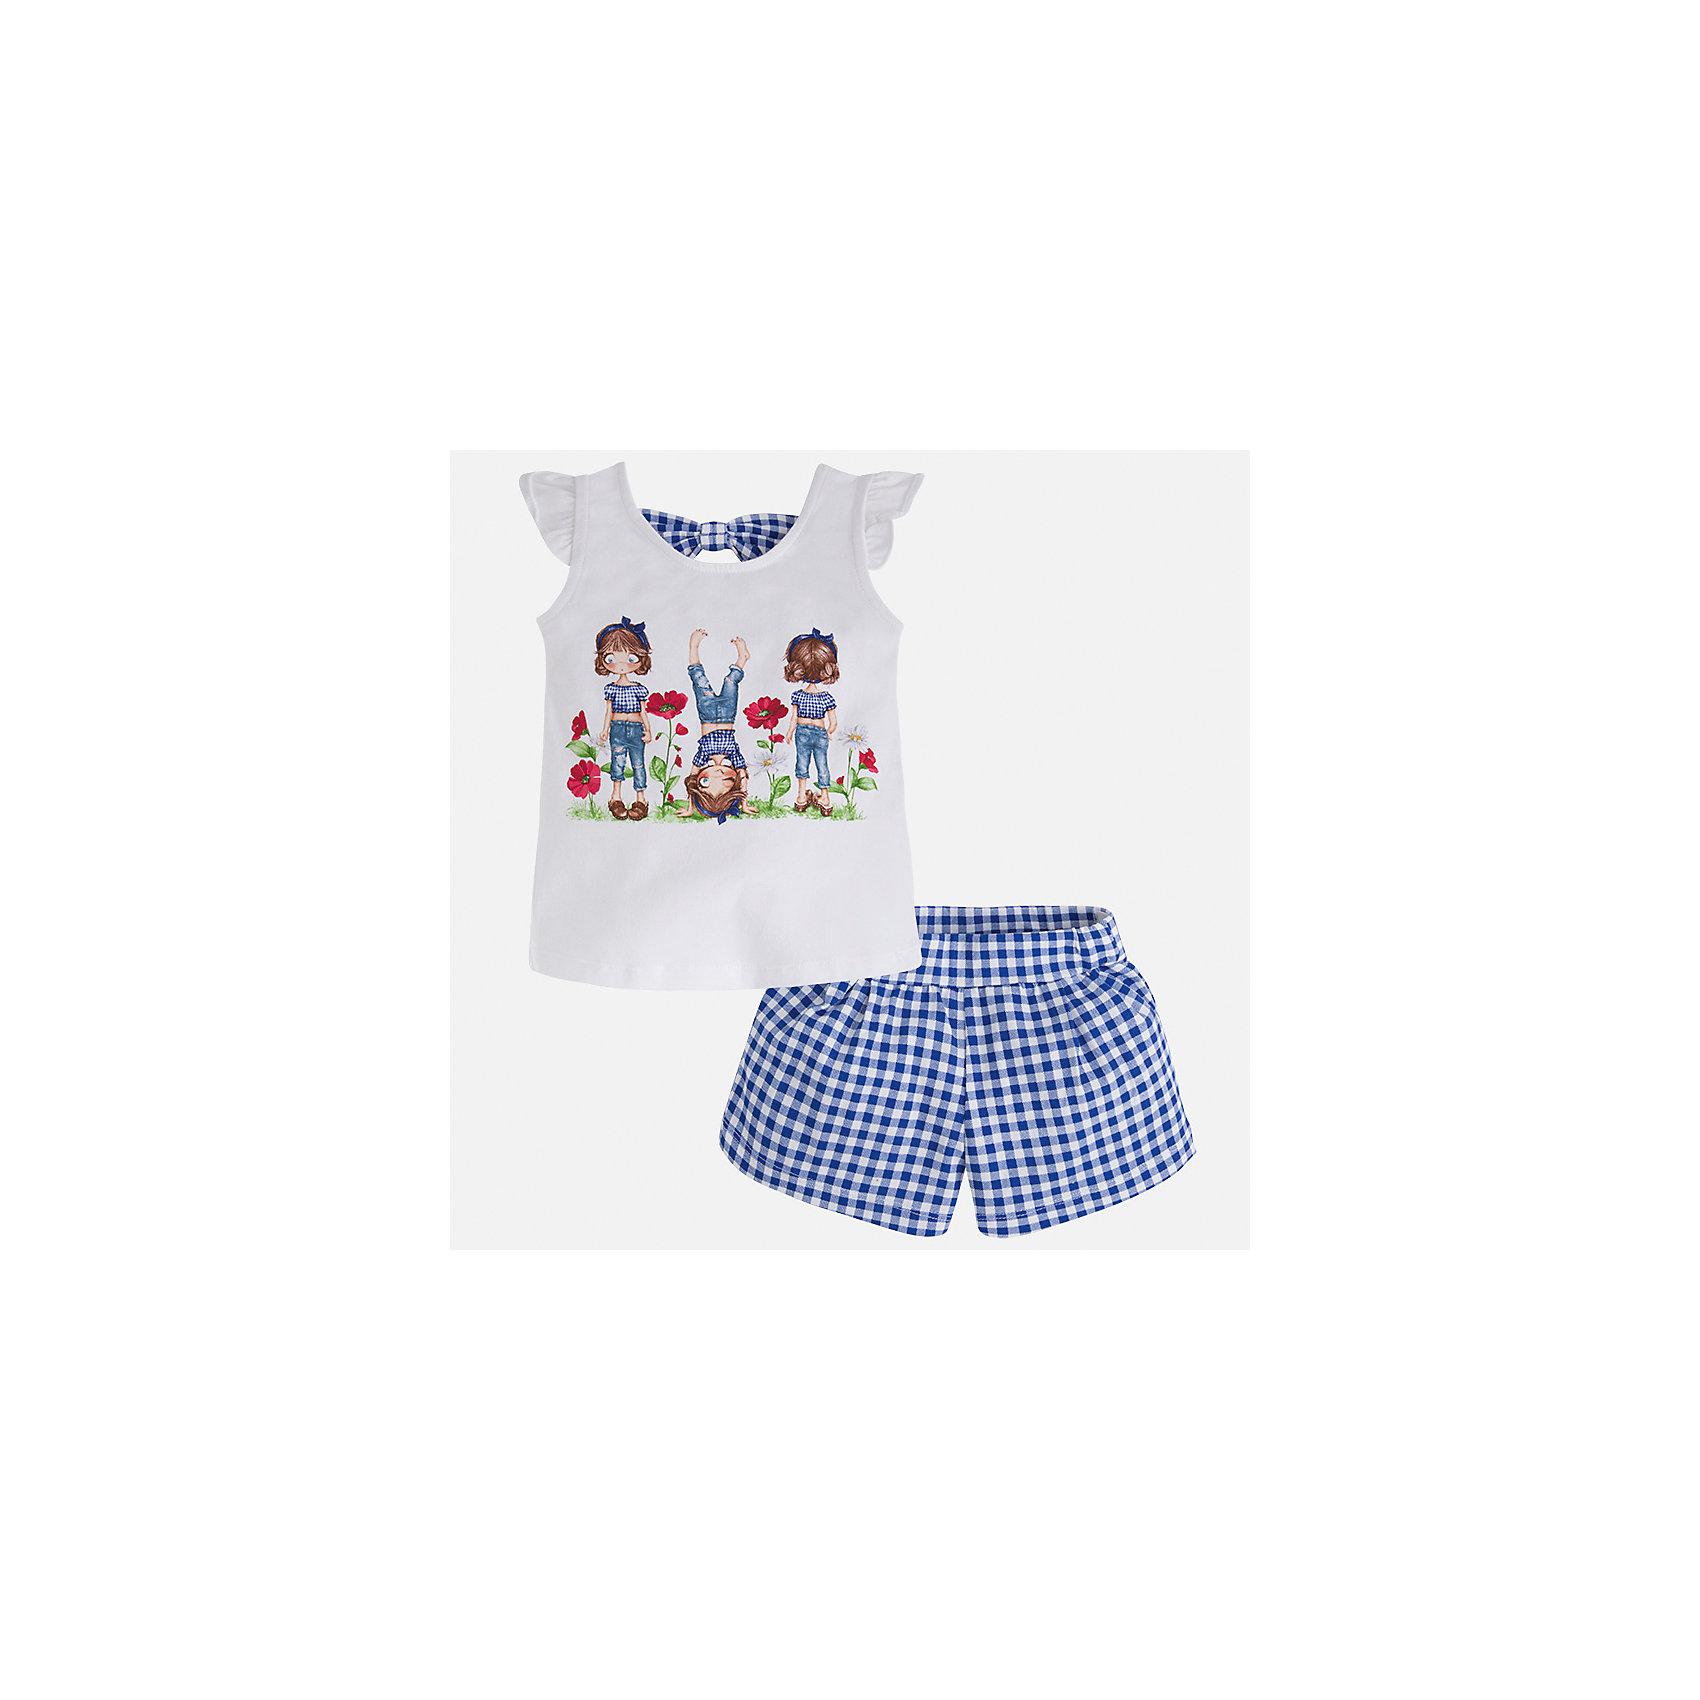 Комплект: футболка с длинным рукавом и шорты для девочки MayoralХарактеристики товара:<br><br>• цвет: белый/синий<br>• состав: 95% хлопок, 5% эластан<br>• комплектация: футболка, шорты<br>• футболка декорирована принтом<br>• шорты в клетку<br>• пояс на резинке<br>• страна бренда: Испания<br><br>Стильный качественный комплект для девочки поможет разнообразить гардероб ребенка и удобно одеться в теплую погоду. Он отлично сочетается с другими предметами. Универсальный цвет позволяет подобрать к вещам верхнюю одежду практически любой расцветки. Интересная отделка модели делает её нарядной и оригинальной. В составе материала - натуральный хлопок, гипоаллергенный, приятный на ощупь, дышащий.<br><br>Одежда, обувь и аксессуары от испанского бренда Mayoral полюбились детям и взрослым по всему миру. Модели этой марки - стильные и удобные. Для их производства используются только безопасные, качественные материалы и фурнитура. Порадуйте ребенка модными и красивыми вещами от Mayoral! <br><br>Комплект для девочки от испанского бренда Mayoral (Майорал) можно купить в нашем интернет-магазине.<br><br>Ширина мм: 191<br>Глубина мм: 10<br>Высота мм: 175<br>Вес г: 273<br>Цвет: синий<br>Возраст от месяцев: 84<br>Возраст до месяцев: 96<br>Пол: Женский<br>Возраст: Детский<br>Размер: 128,134,92,98,104,110,116,122<br>SKU: 5289866